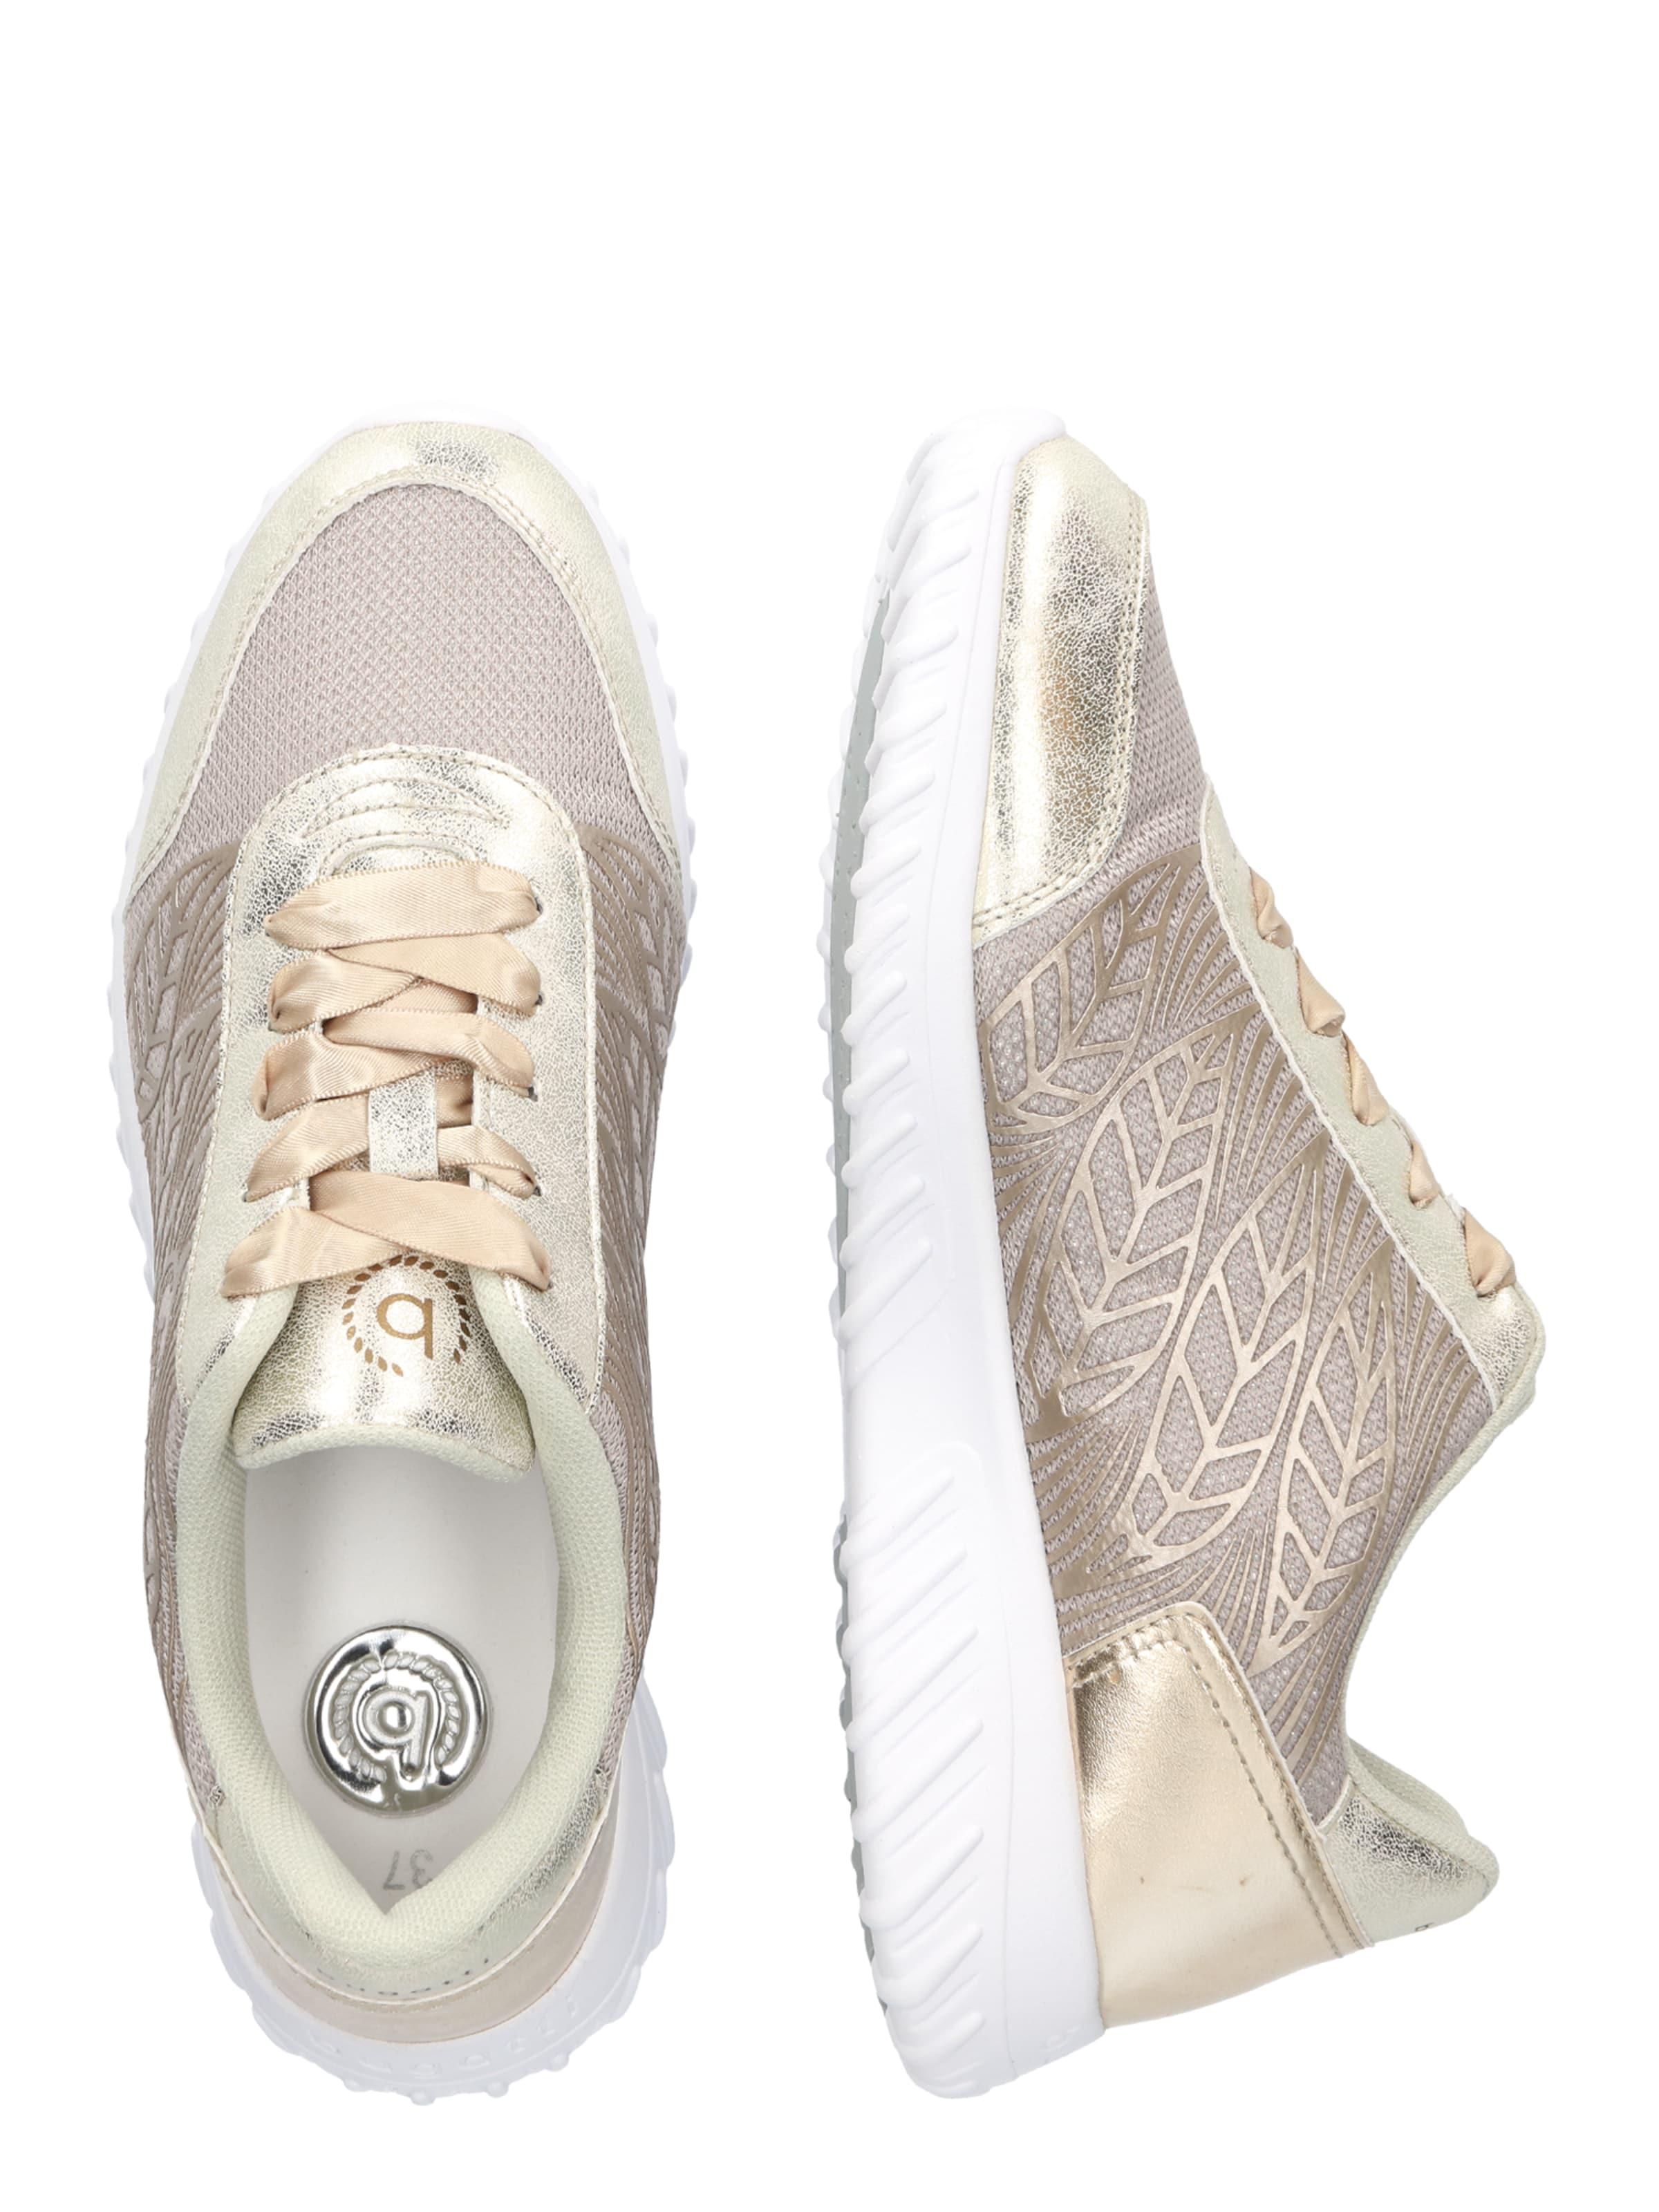 Mehrfarbig Erkunden Günstig Online bugatti Sneaker Low im Metallic-Look hKnDeZU